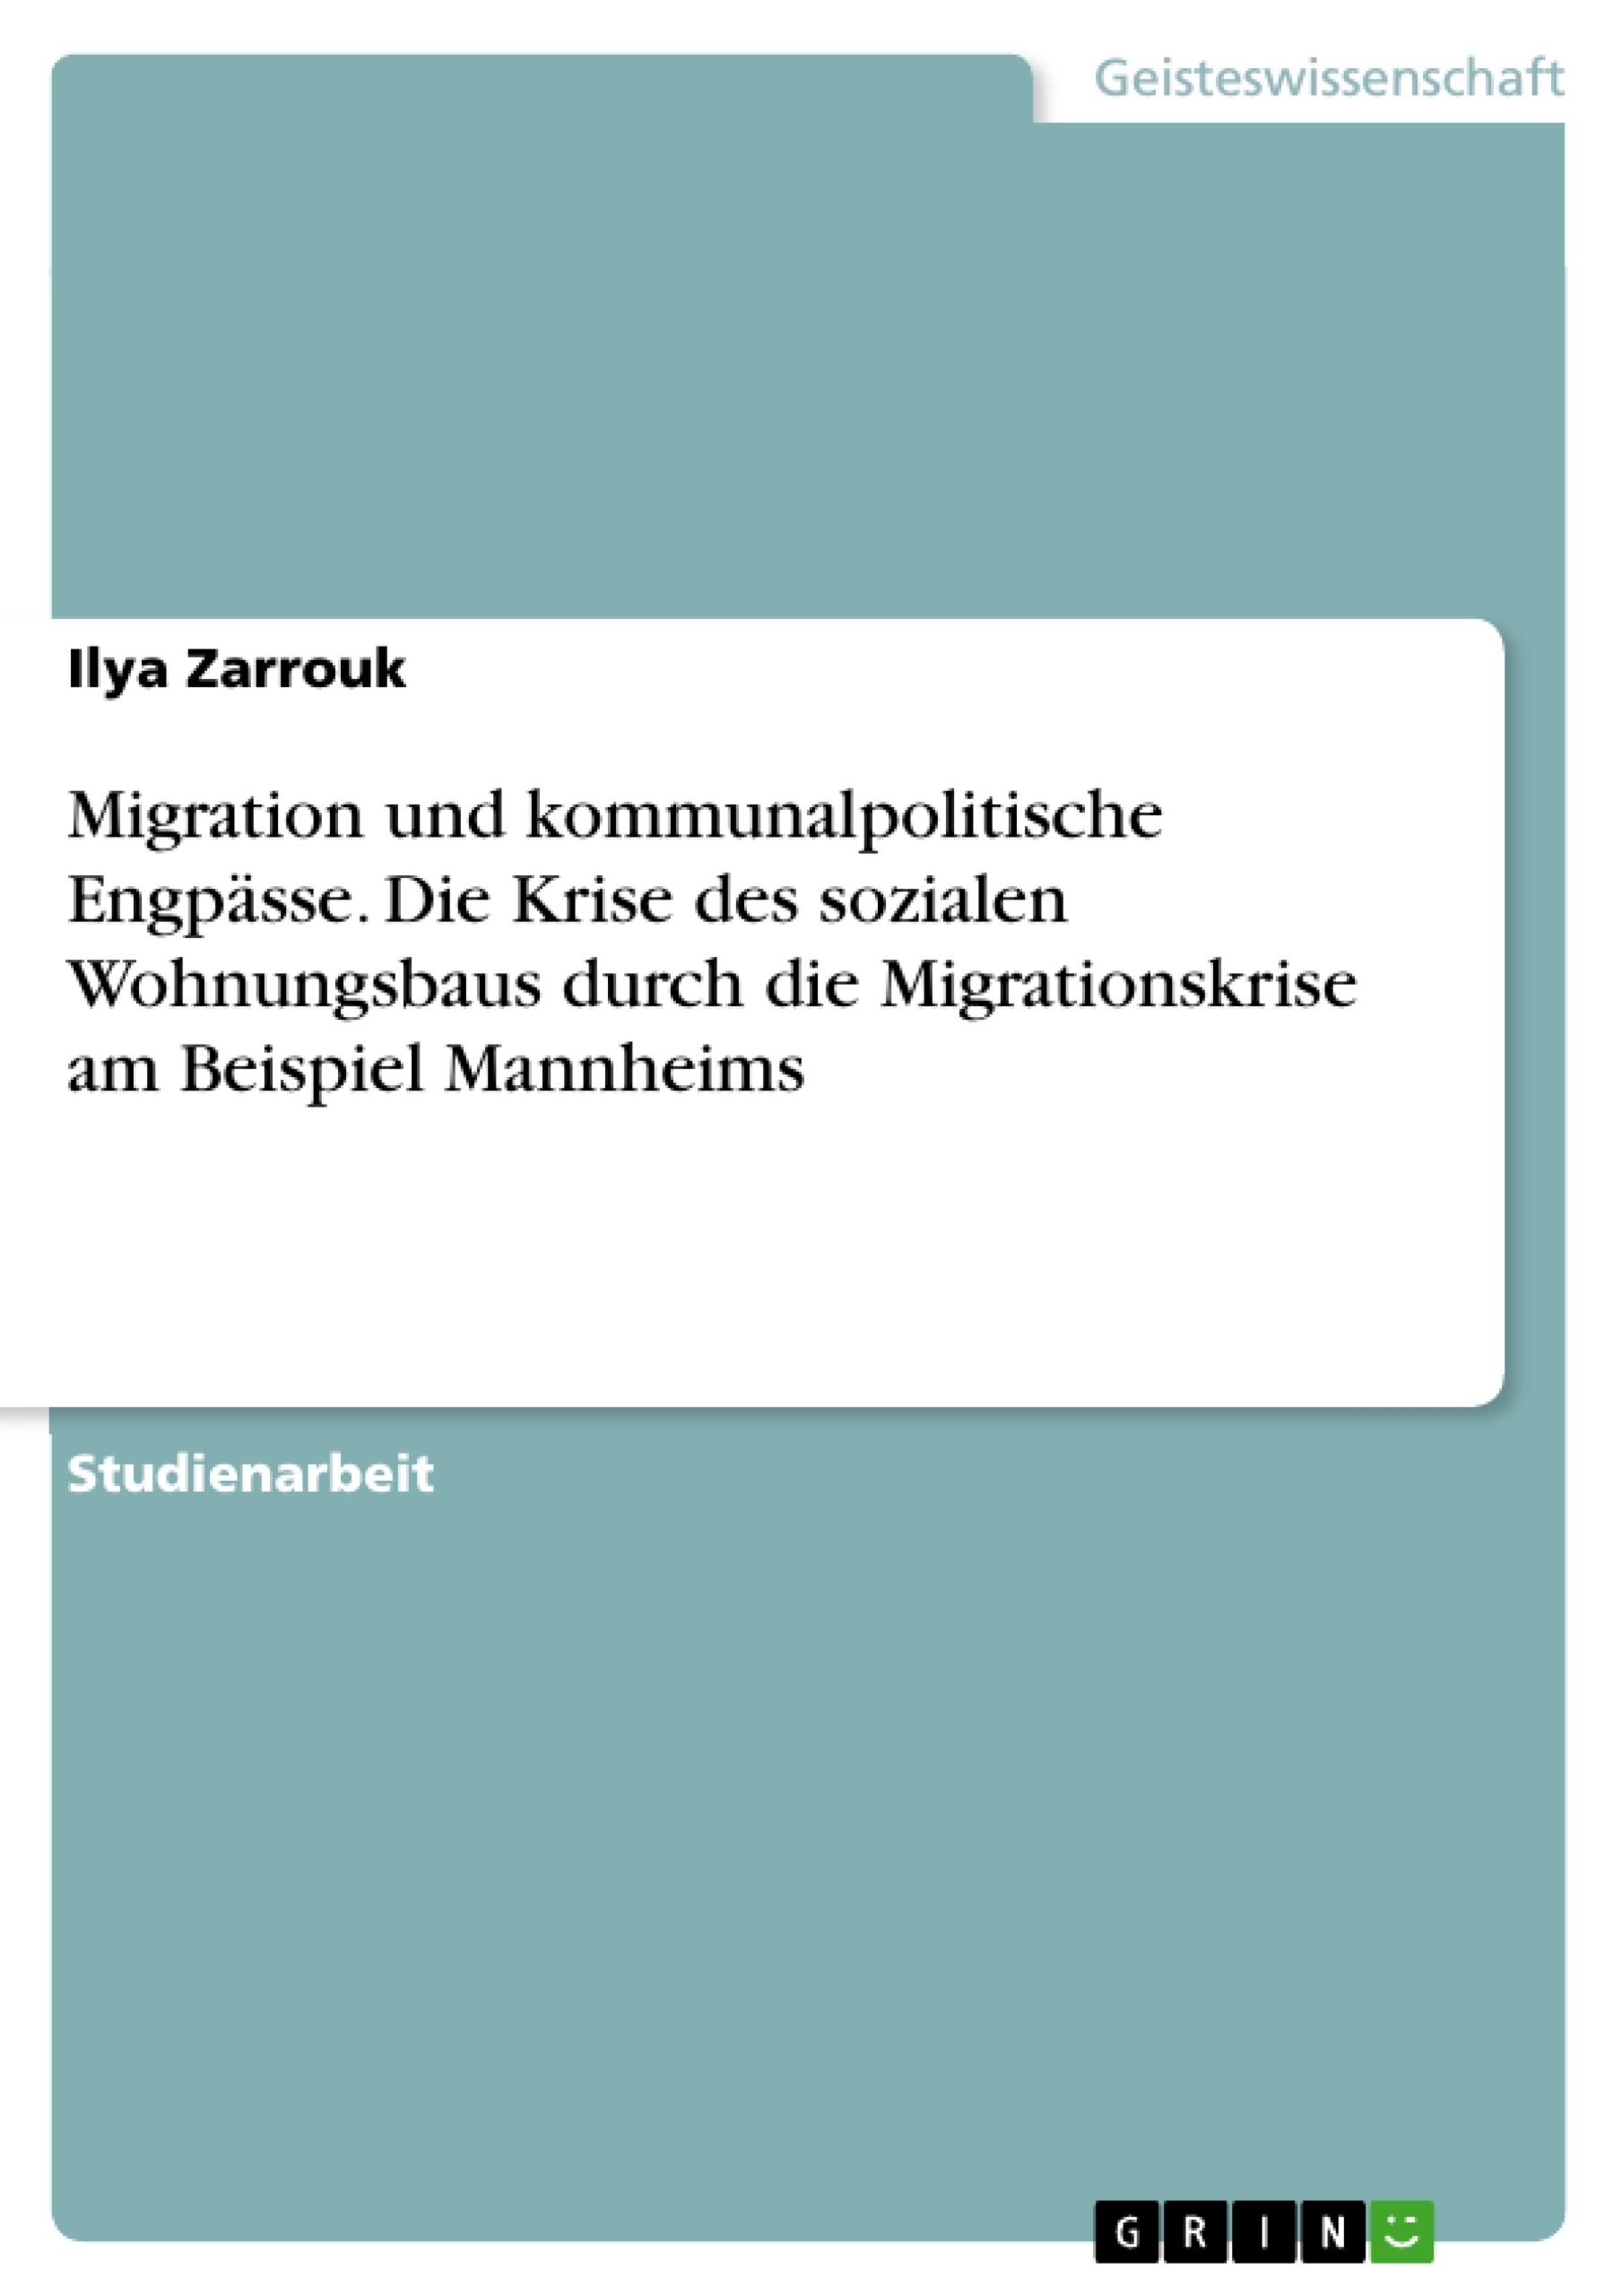 Titel: Migration und kommunalpolitische Engpässe. Die Krise des sozialen Wohnungsbaus durch die Migrationskrise am Beispiel Mannheims